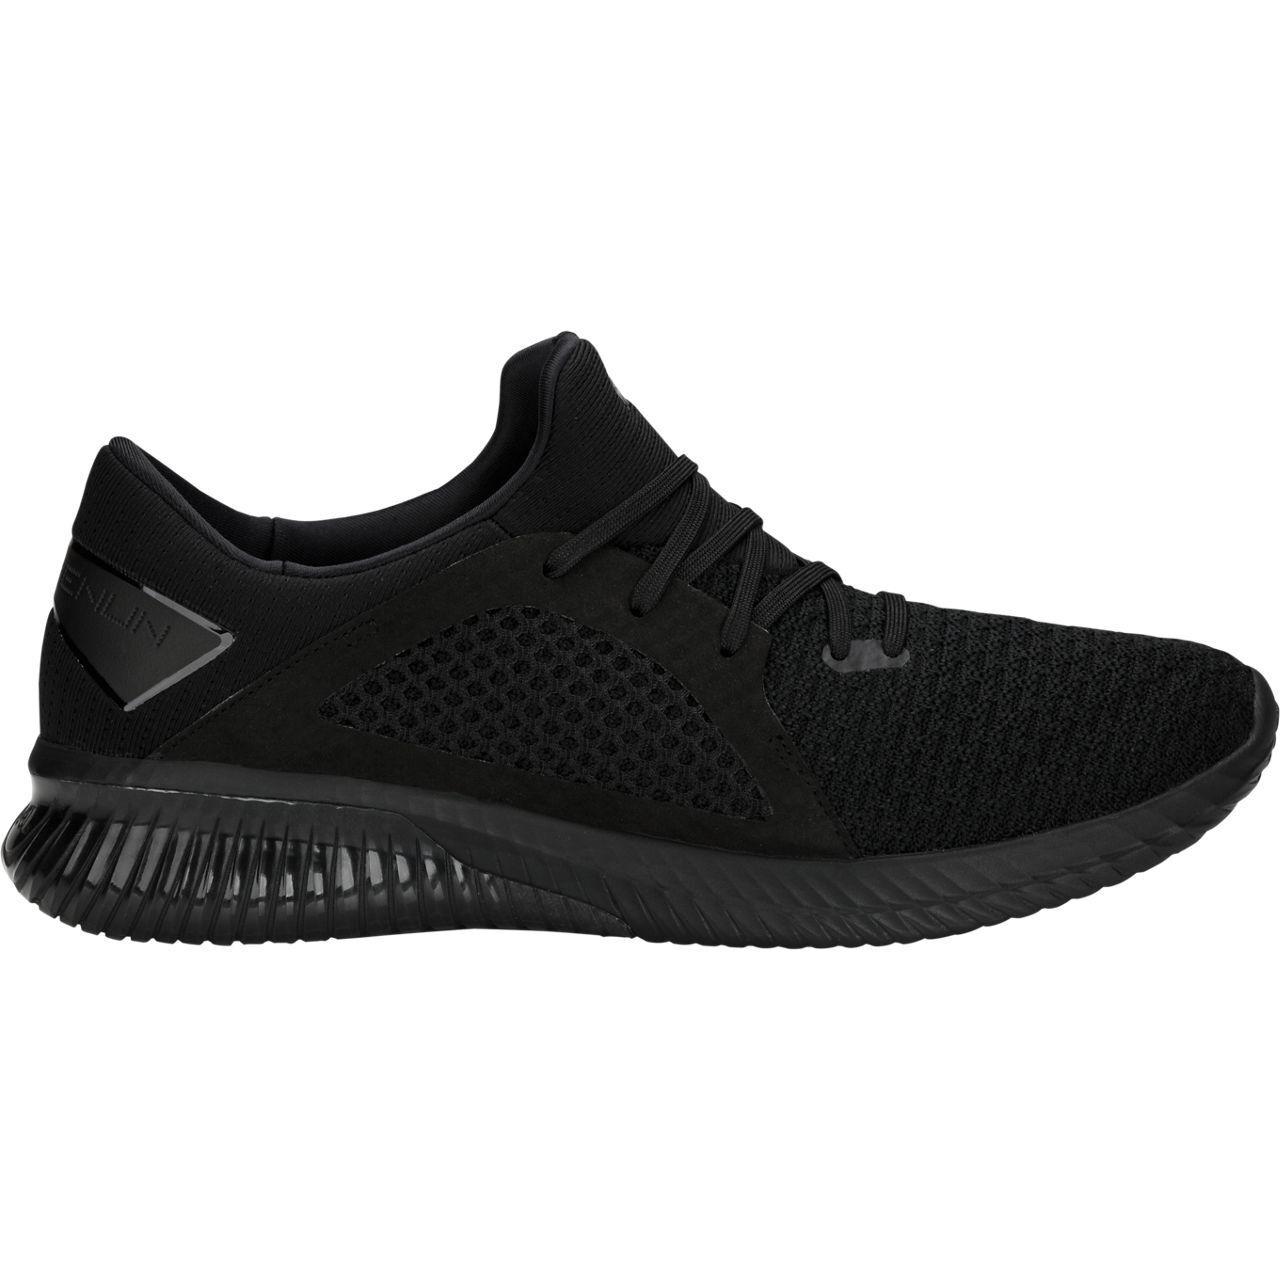 Asics 1021A025-001 Gel kenun Knit MX Negro Negro Para hombres Zapatos para correr